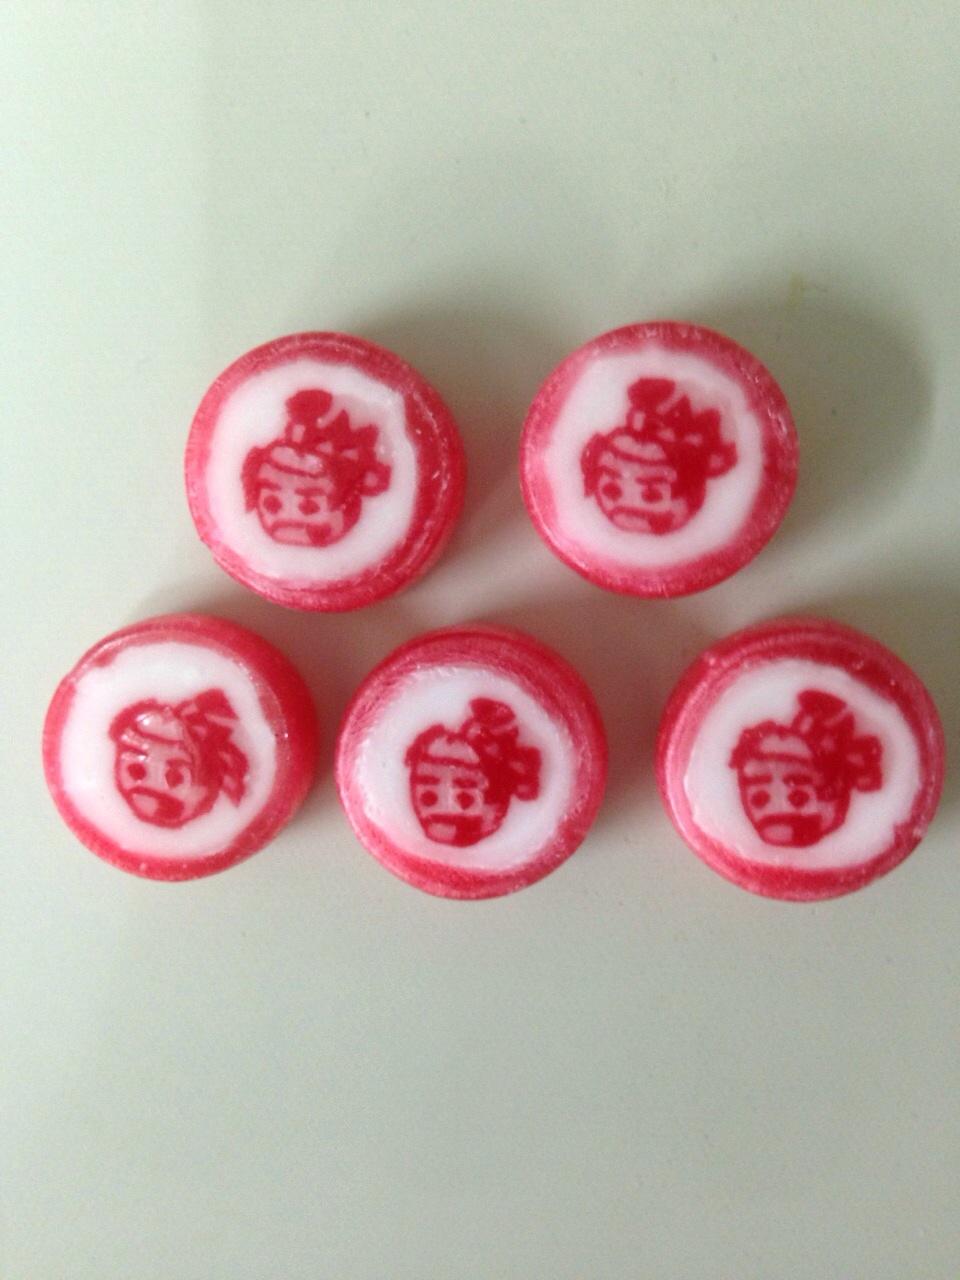 オリジナルキャンディー金太郎飴激安販促物